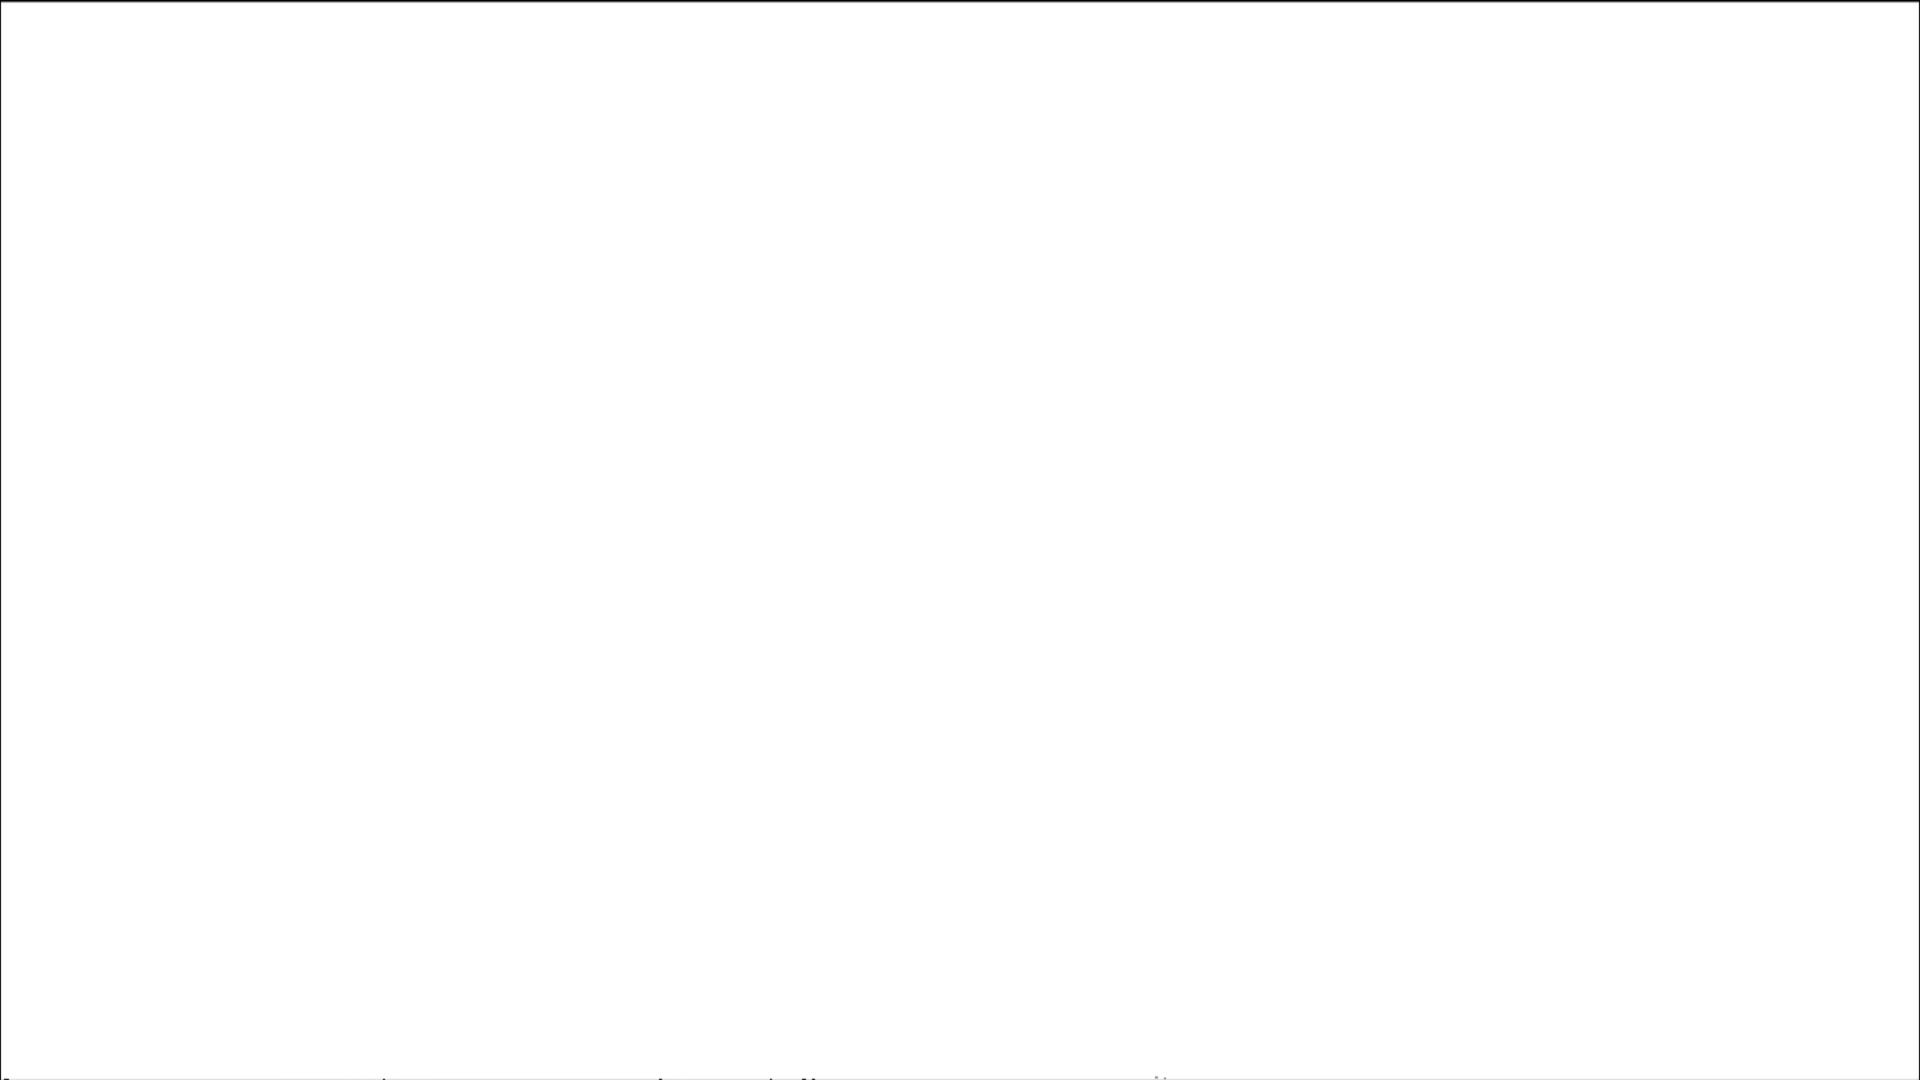 洗面所特攻隊 vol.72 番外編 「最後の女性」の特集 番外編 エロいOL 盗撮動画紹介 74枚